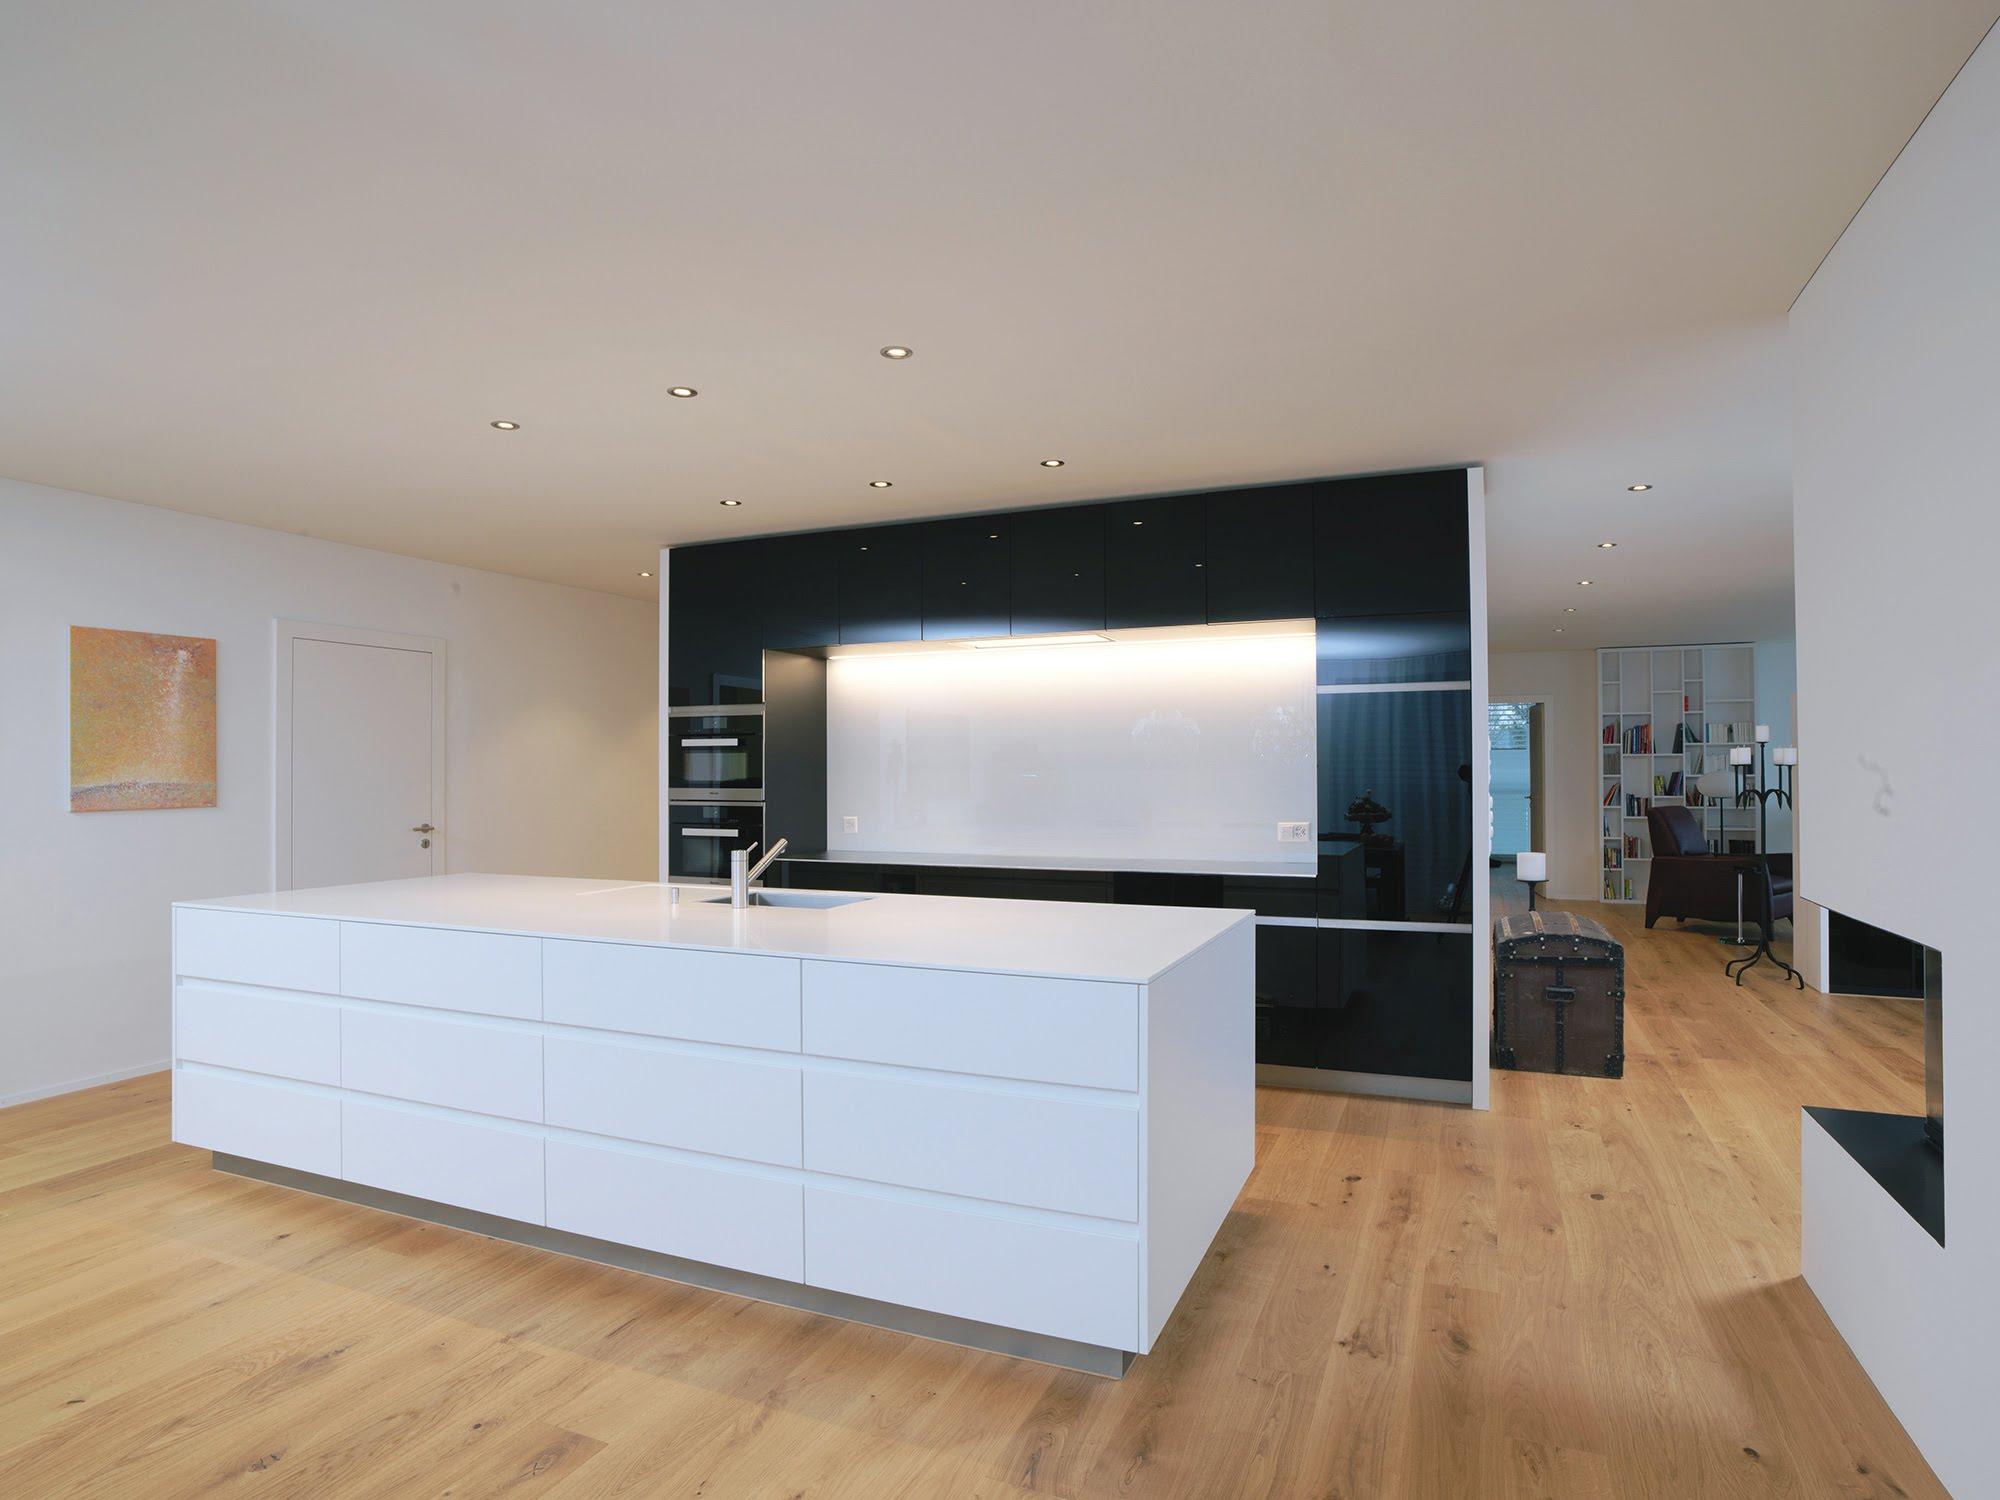 Glasküche mit Himacsinsel - Küchen & Küchenumbau-Küchen werden immer mehr zum Ort der Begegnung - Sursee, Willisau, Aargau, Zentralschweiz, Luzern, Zofingen